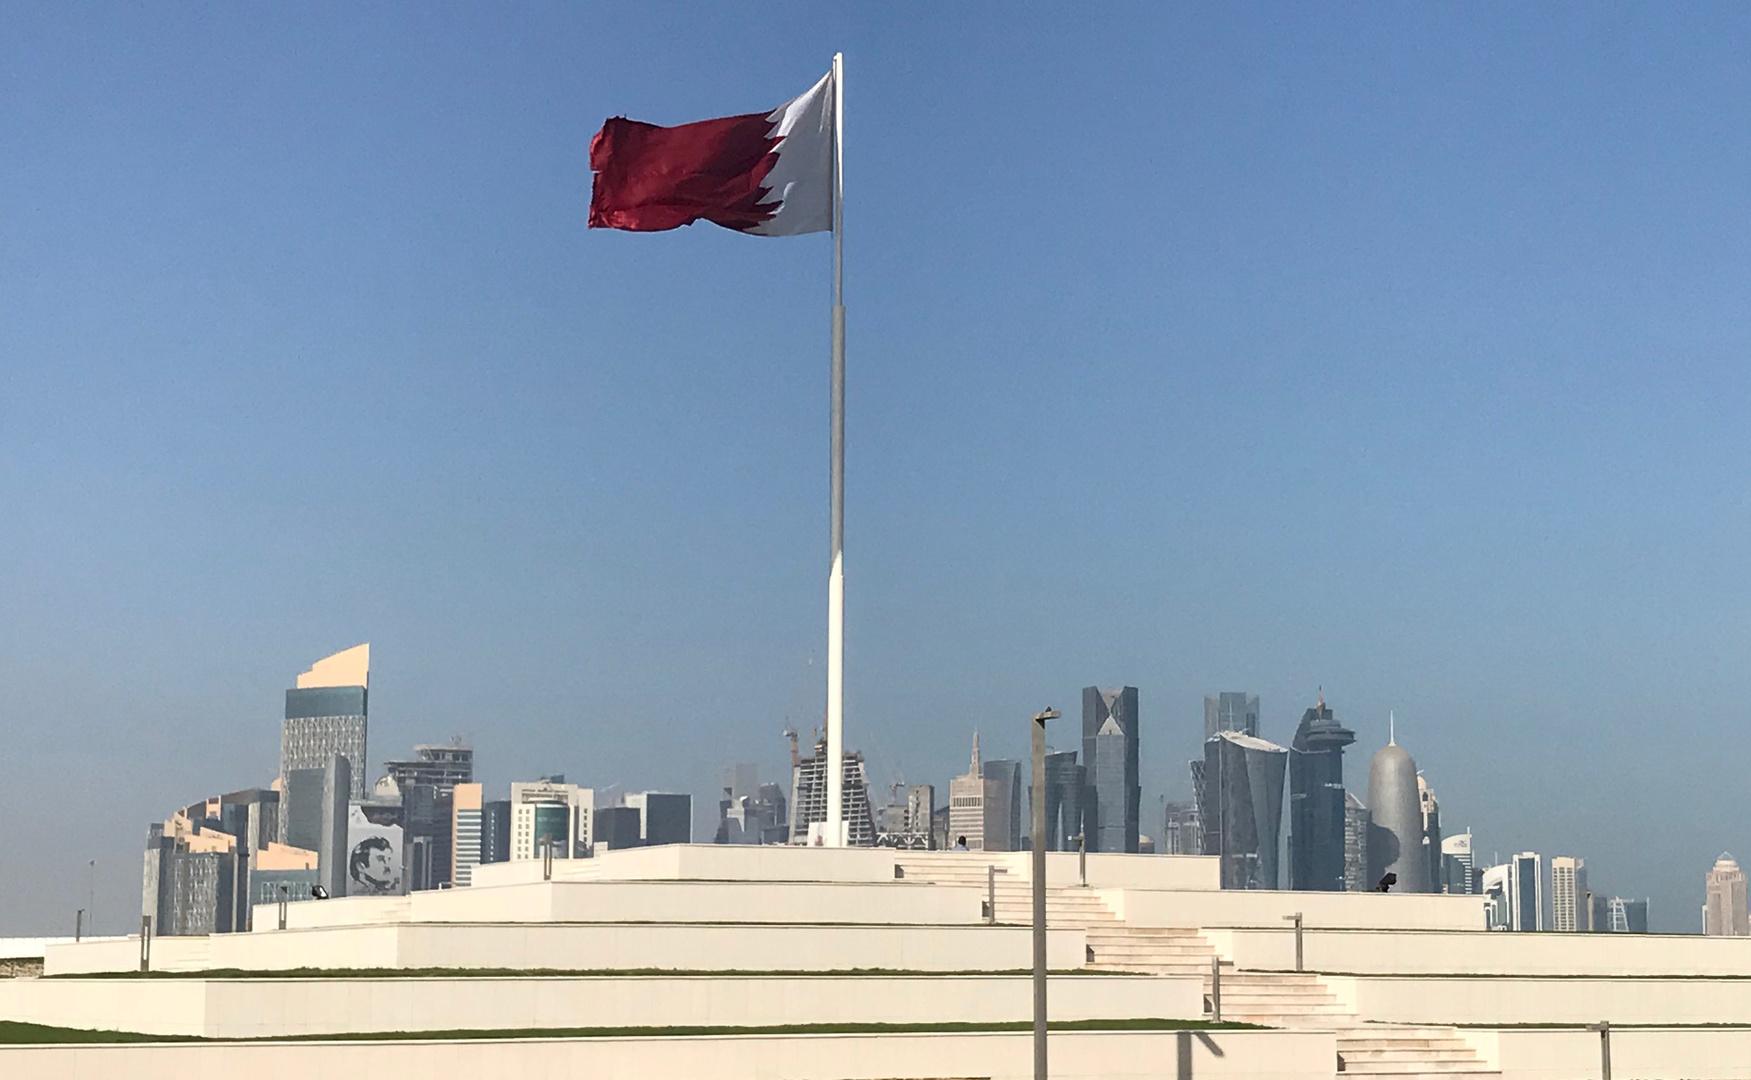 وسائل إعلام إسرائيلية: قطر تشترط حماية أمريكية لتحويل الأموال لقطاع غزة